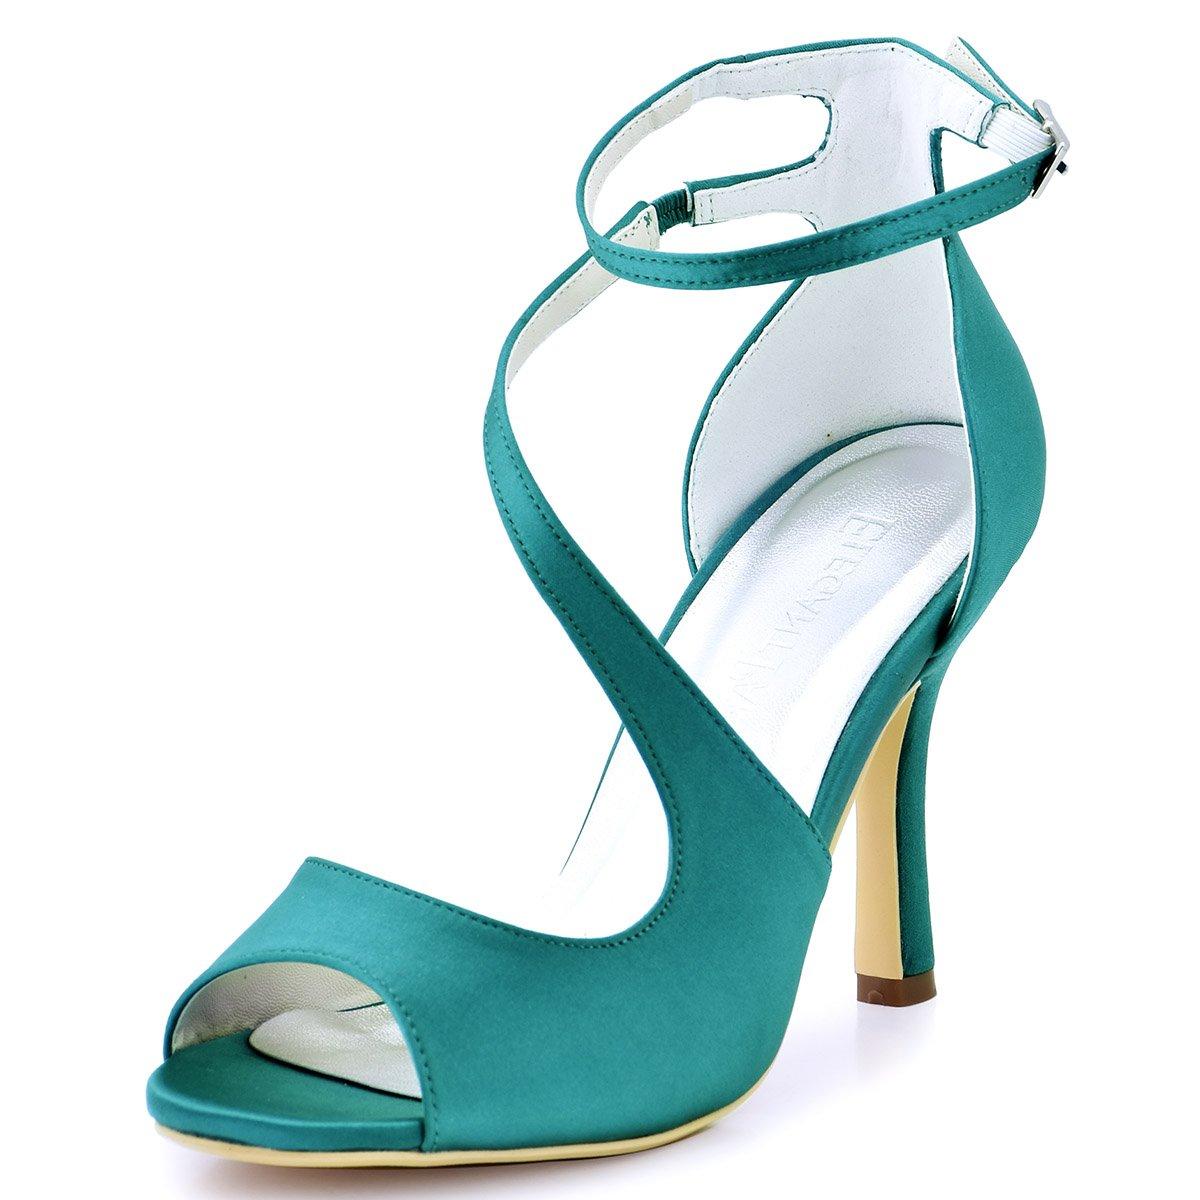 ElegantPark HP1505 Chaussures Escarpins Femme B07HCHZ647 Bout Ouvert Diamant Btide Cheville mariee Boucle Sandales Chaussures de mariee Bal Satin Teal 3ce1537 - jessicalock.space